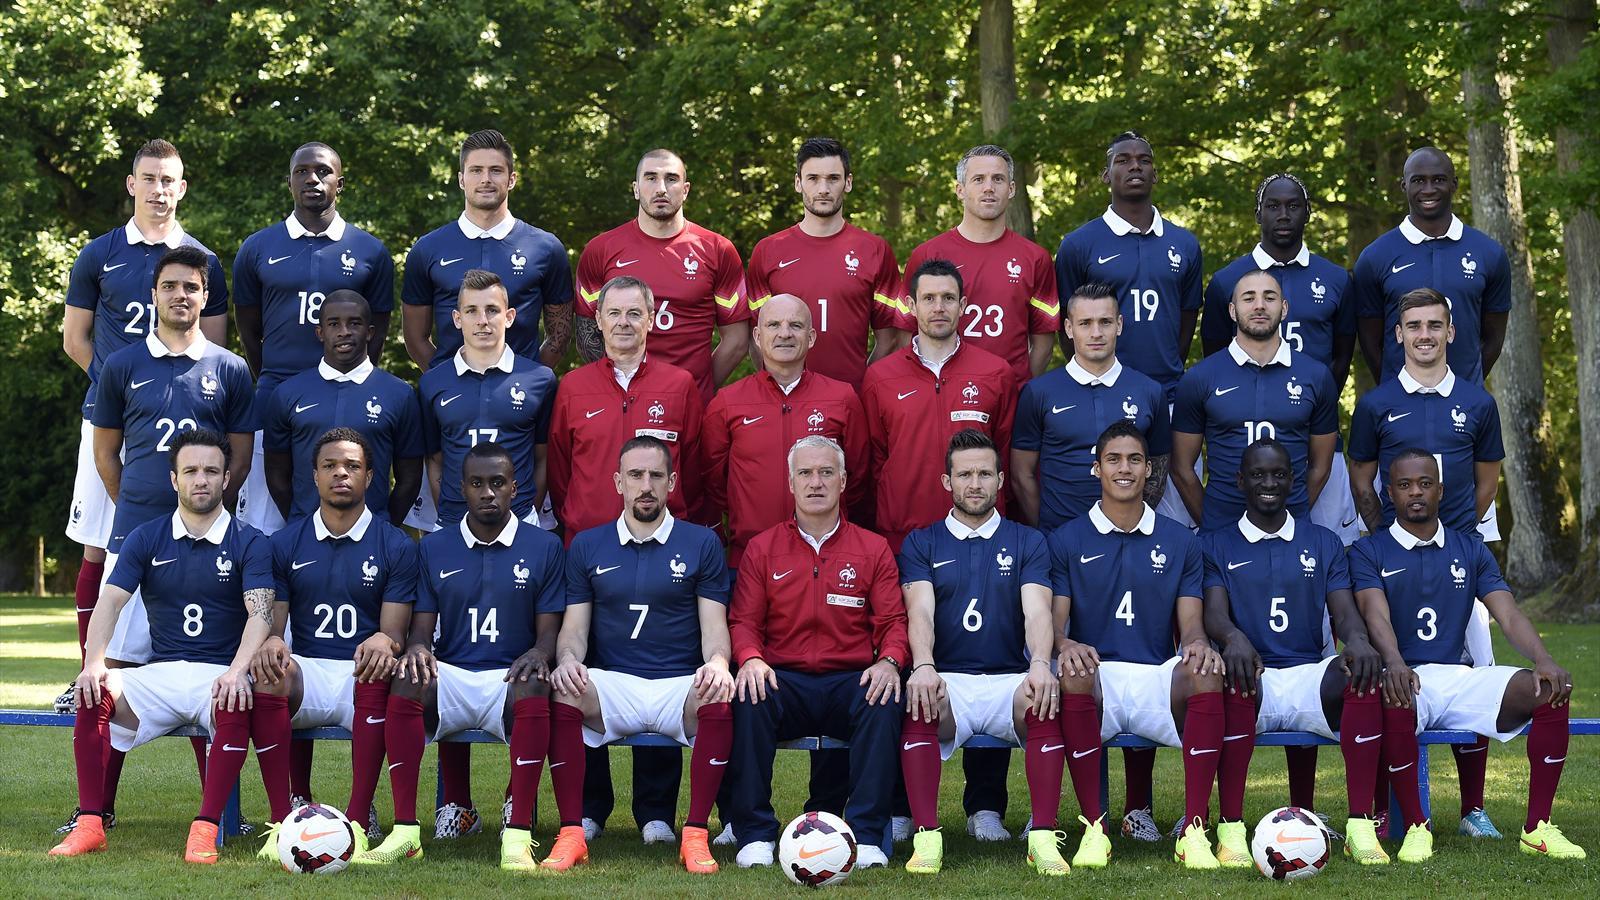 La photo officielle des bleus pour la coupe du monde coupe du monde 2014 football eurosport - Coupe du monde de basket 2014 ...